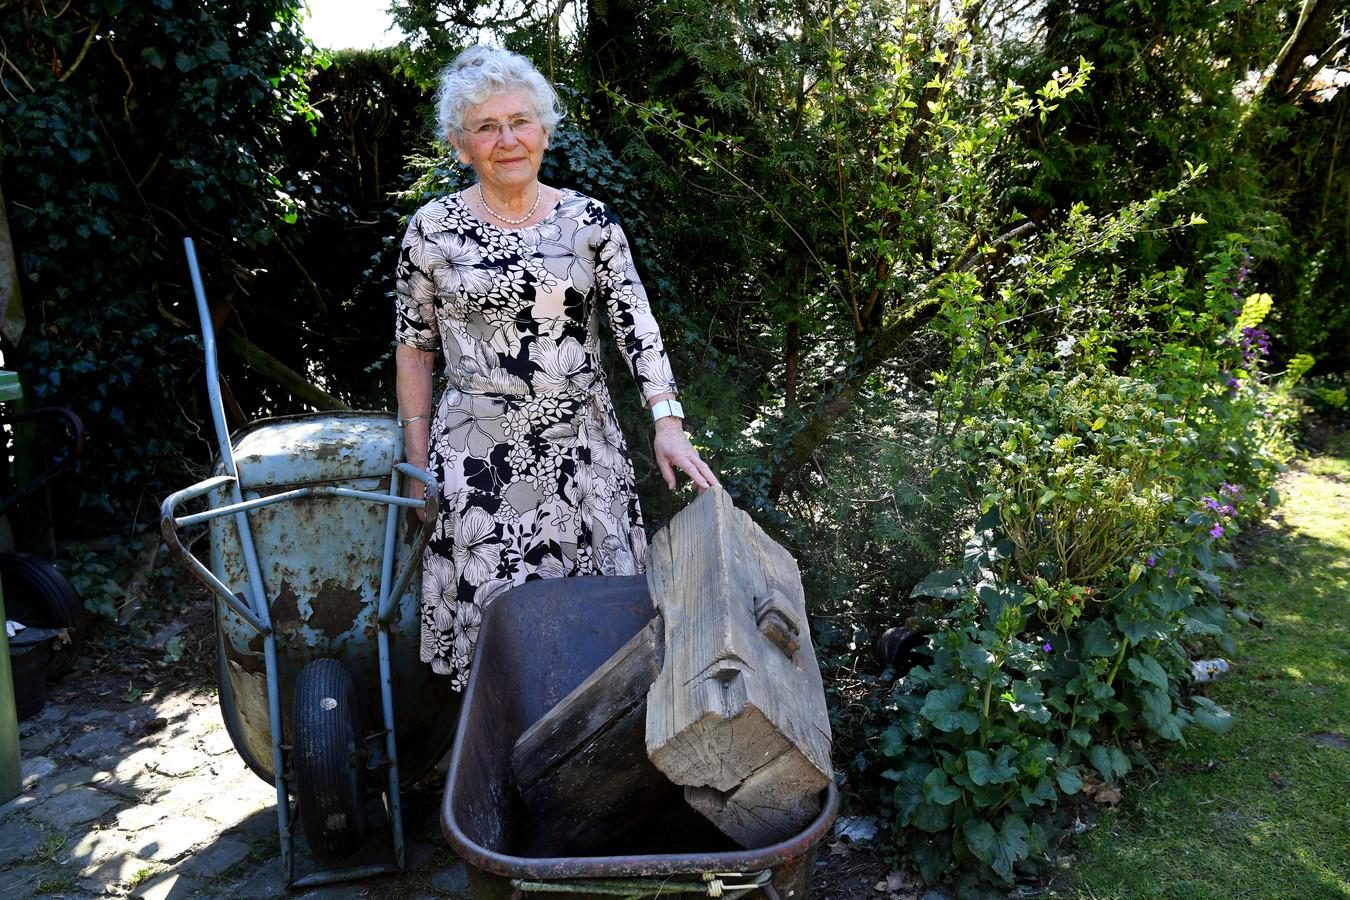 Isabel Bakker staat trots bij de resten van een unieke funderingstechniek die bewaard is gebleven in de tuin. Een levende herinnering aan haar Dick.